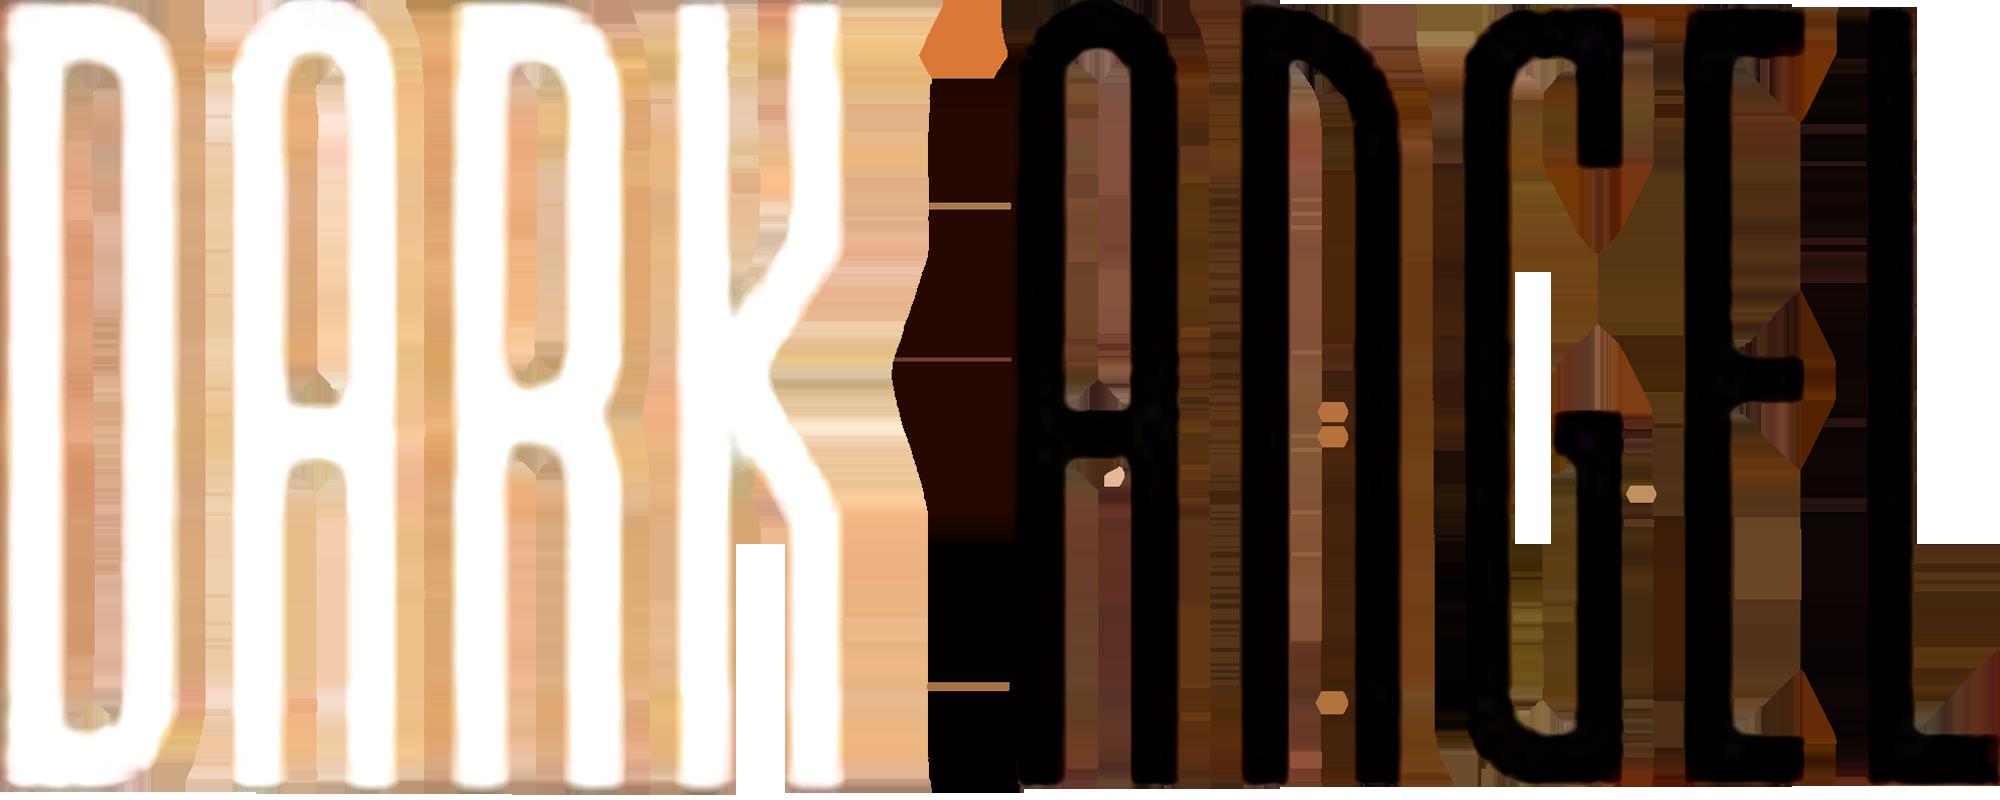 filedarkangel logopng wikimedia commons